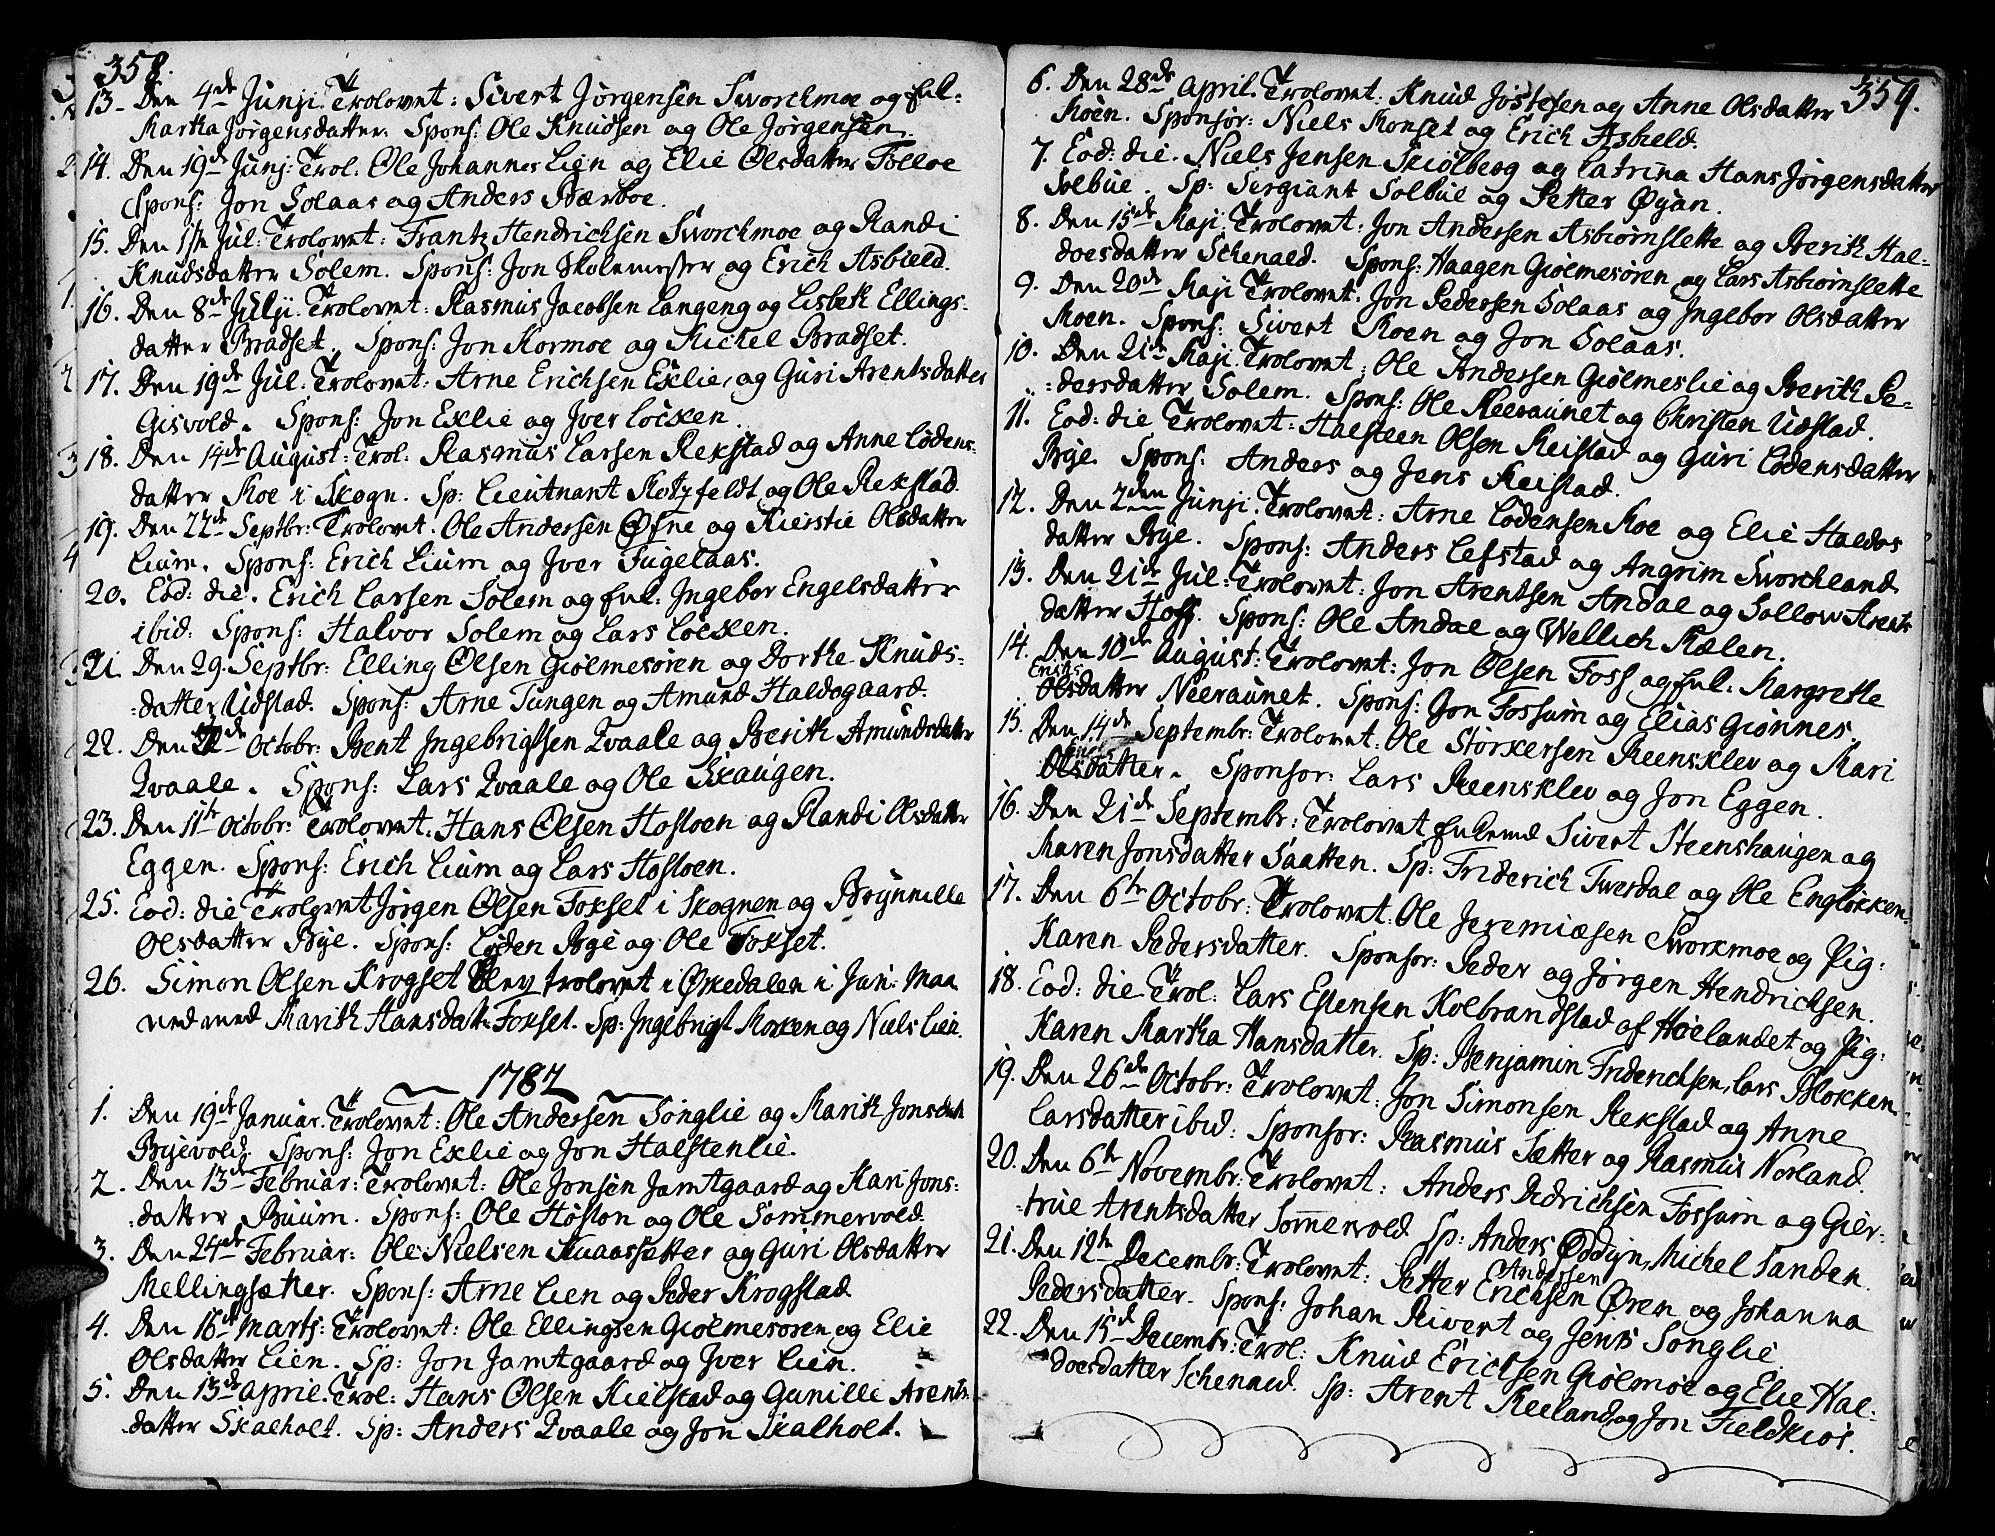 SAT, Ministerialprotokoller, klokkerbøker og fødselsregistre - Sør-Trøndelag, 668/L0802: Ministerialbok nr. 668A02, 1776-1799, s. 358-359